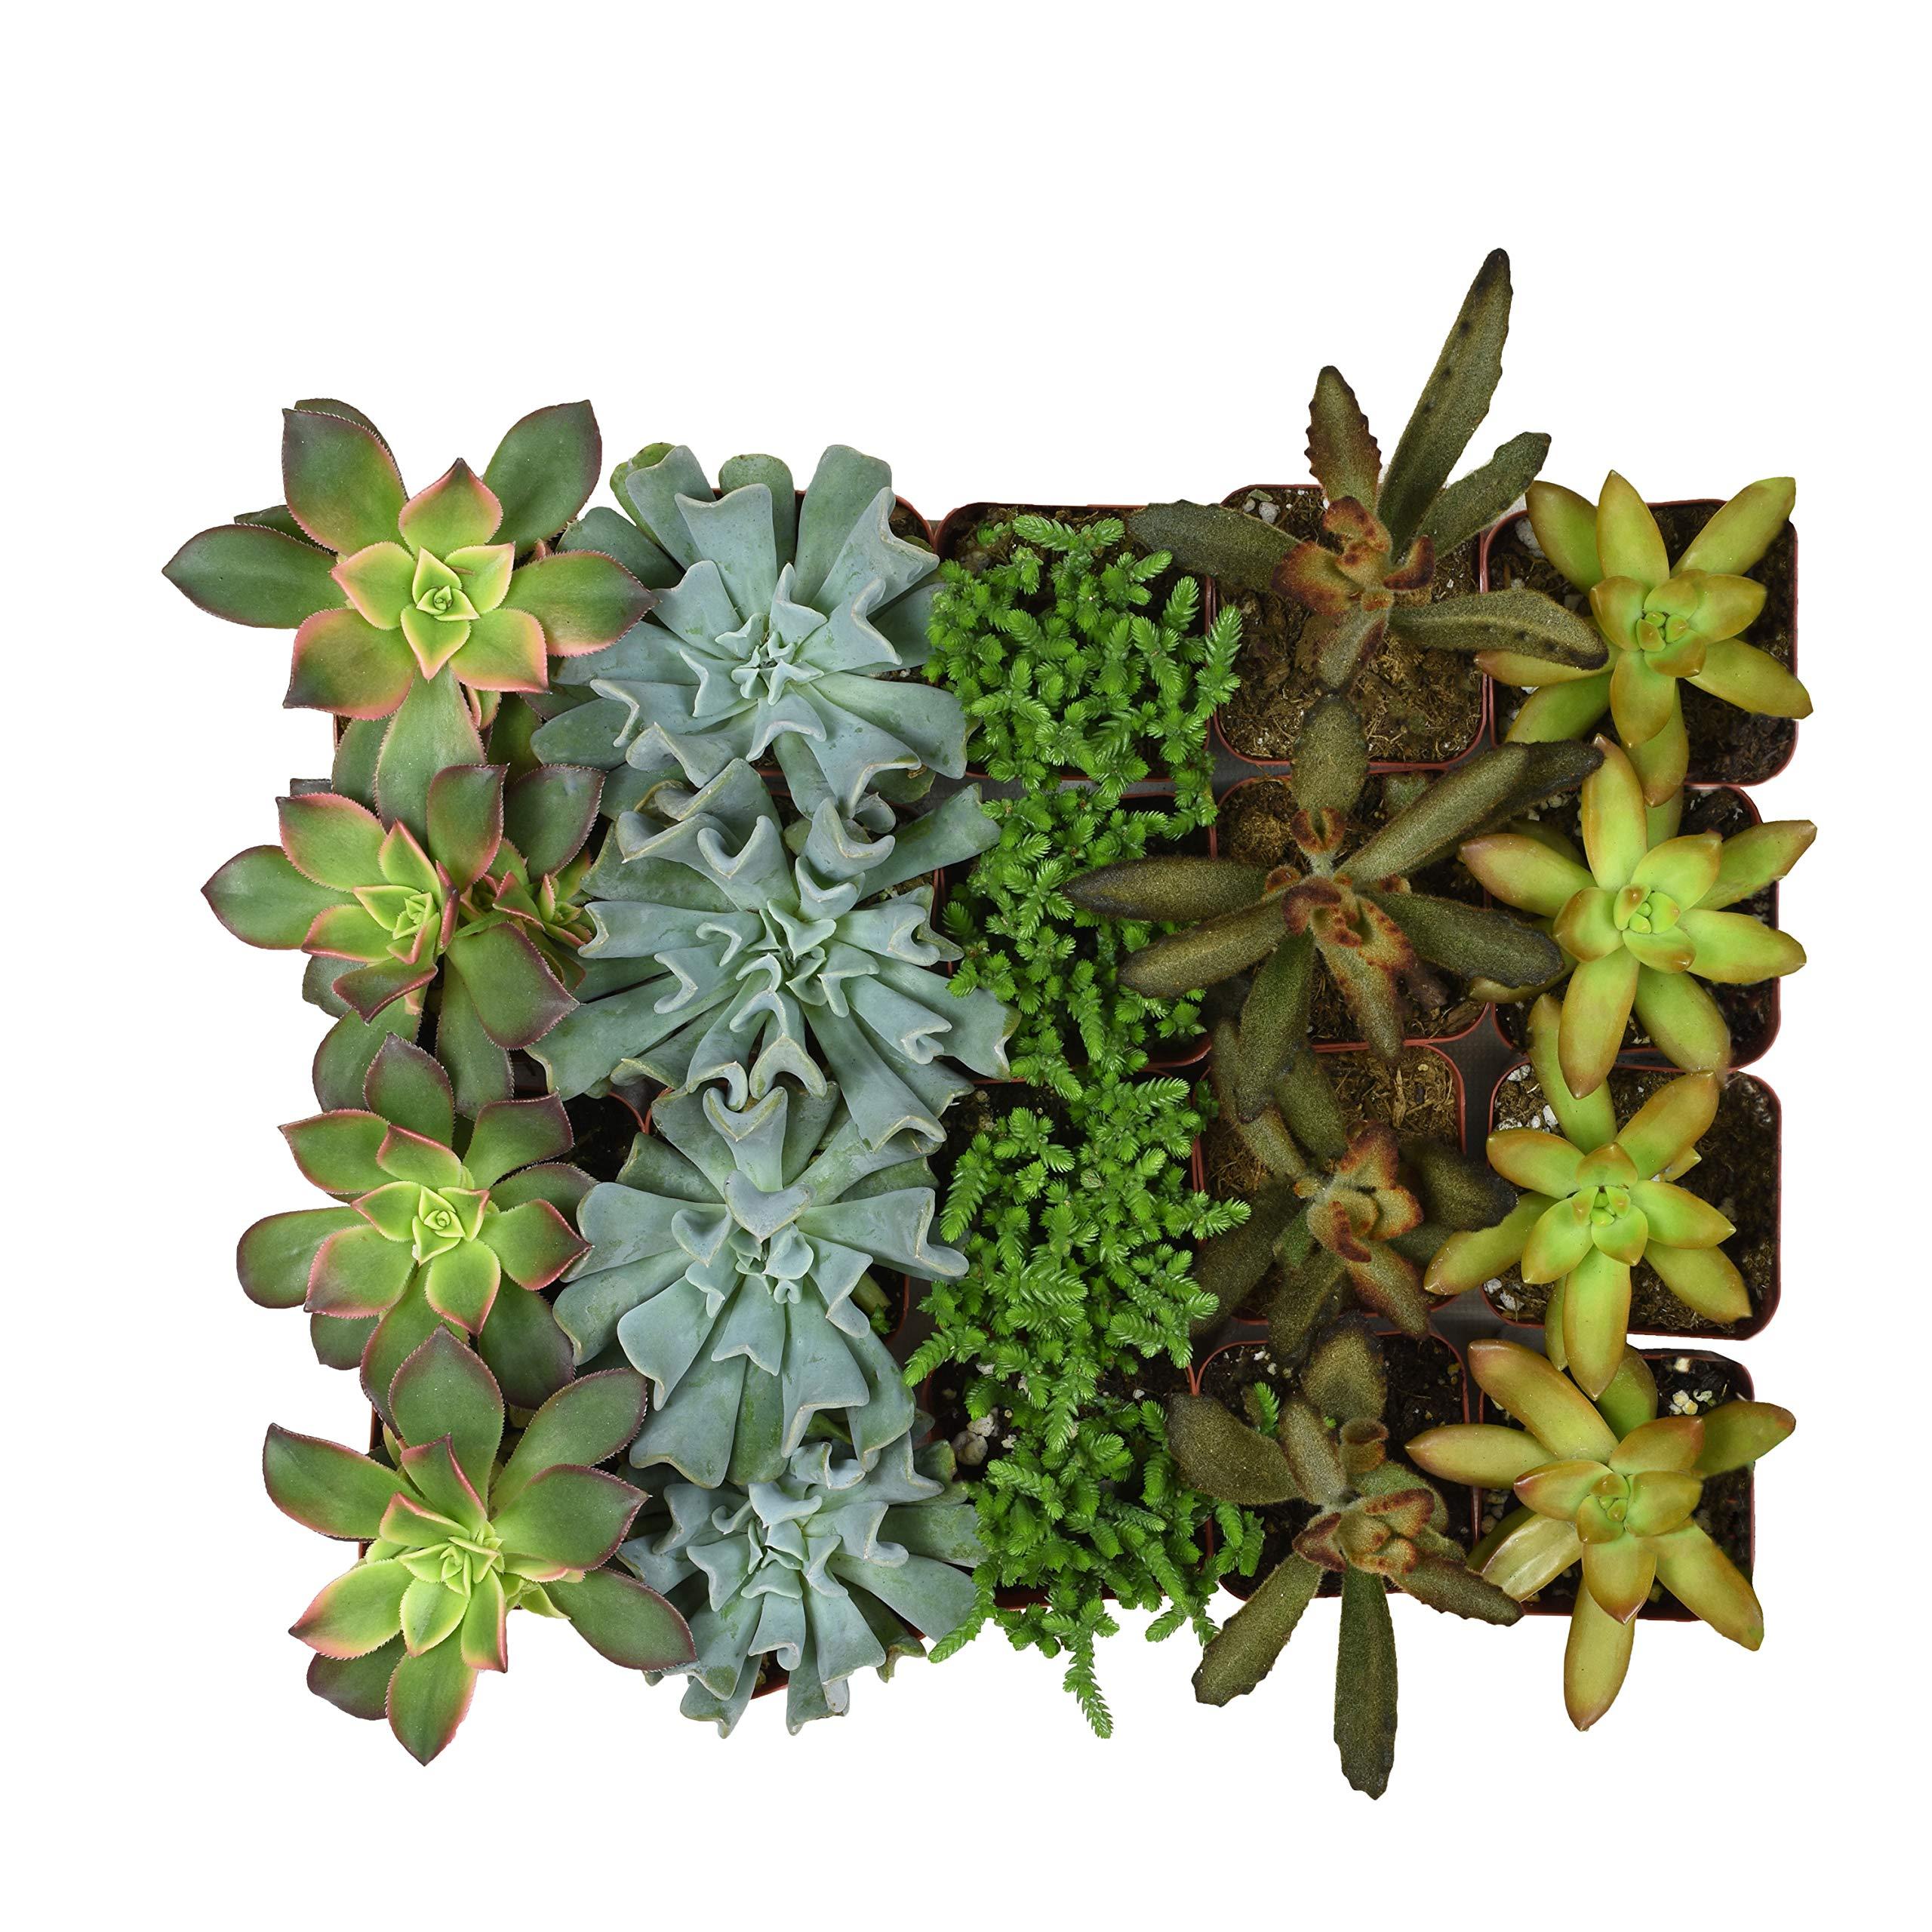 Altman Plants Mini Live Assorted Succulents Weddings, Party favors, DIY terrariums, Gifts 2'' 20 Pack by Altman Plants (Image #2)